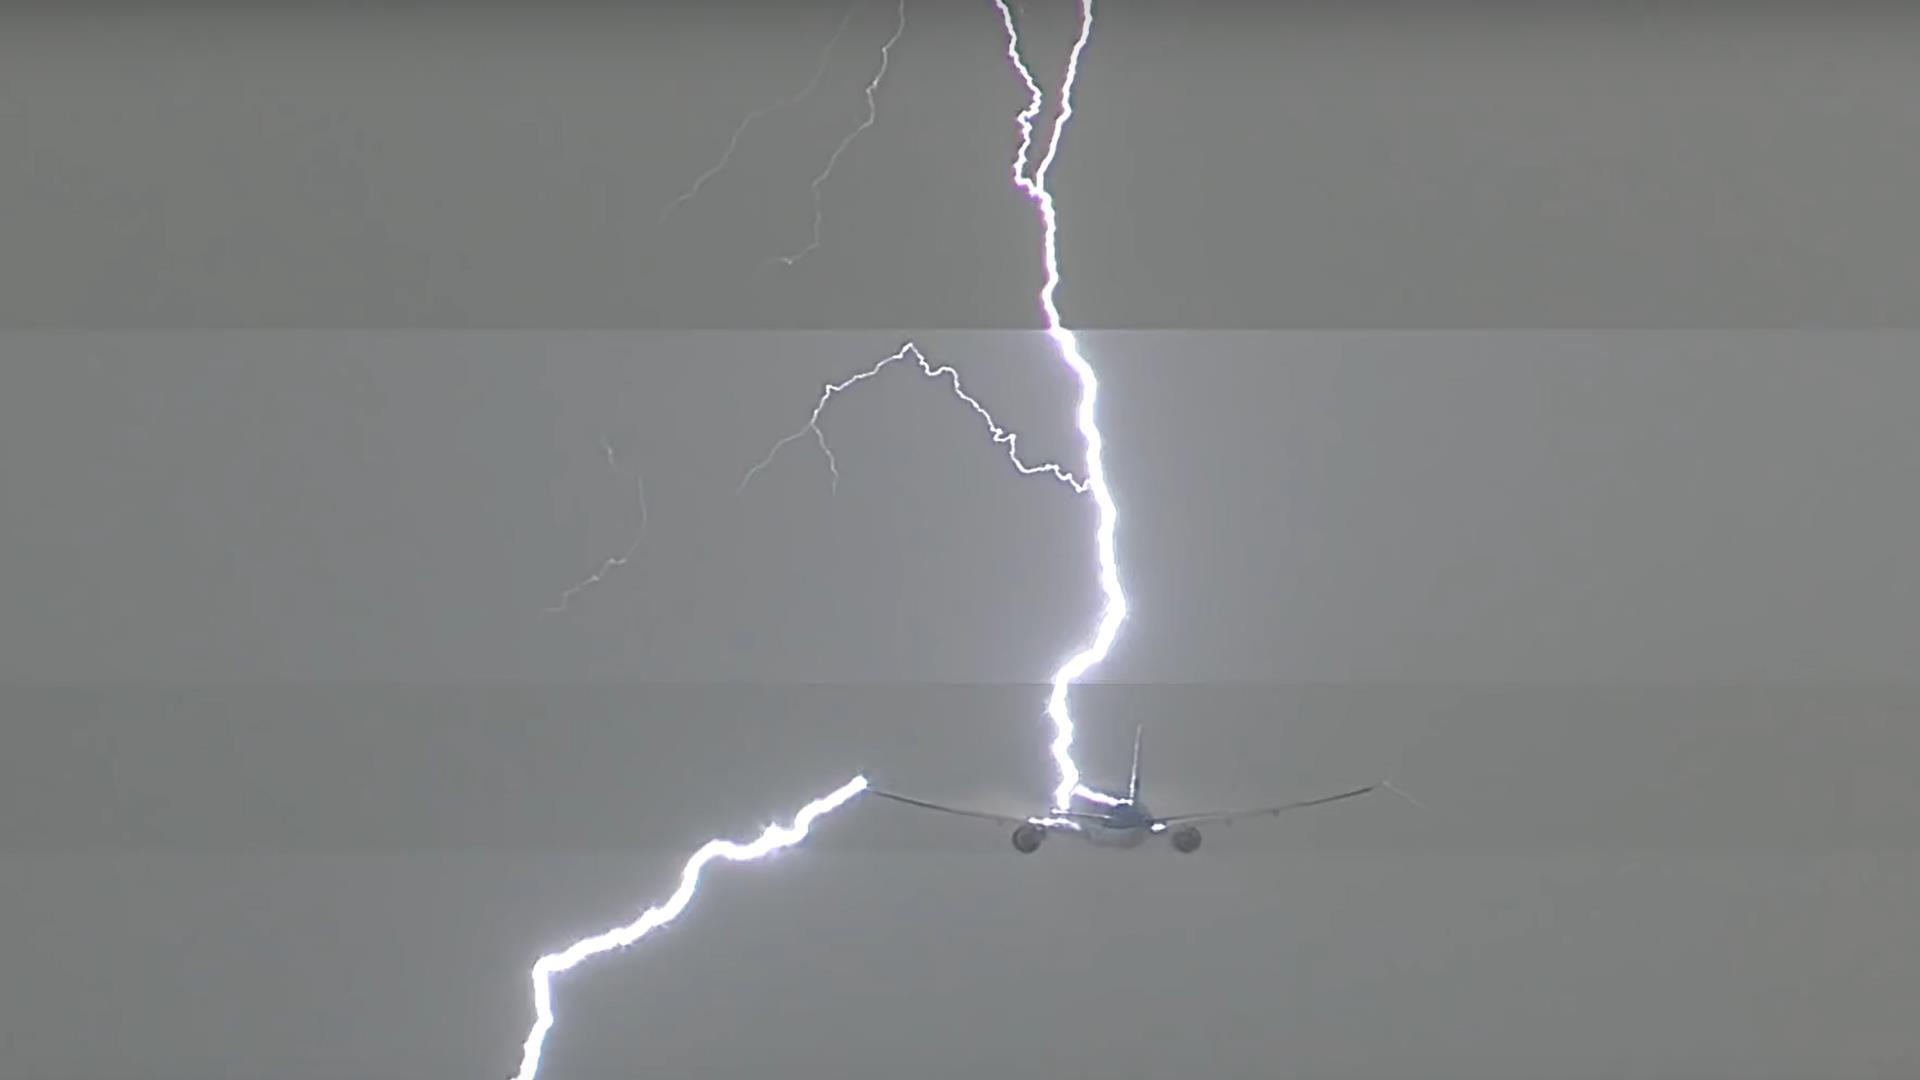 Un video captura cómo un rayo golpea directamente a un avión